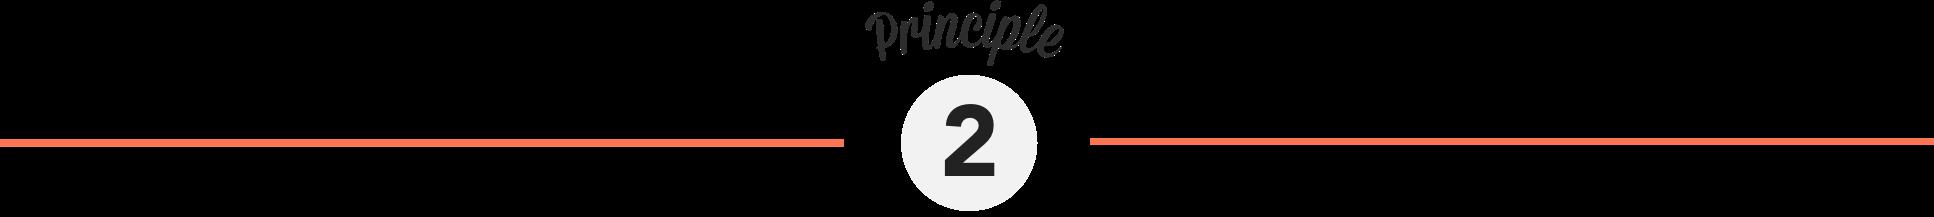 b2c2b-content-principles-anum-hussain